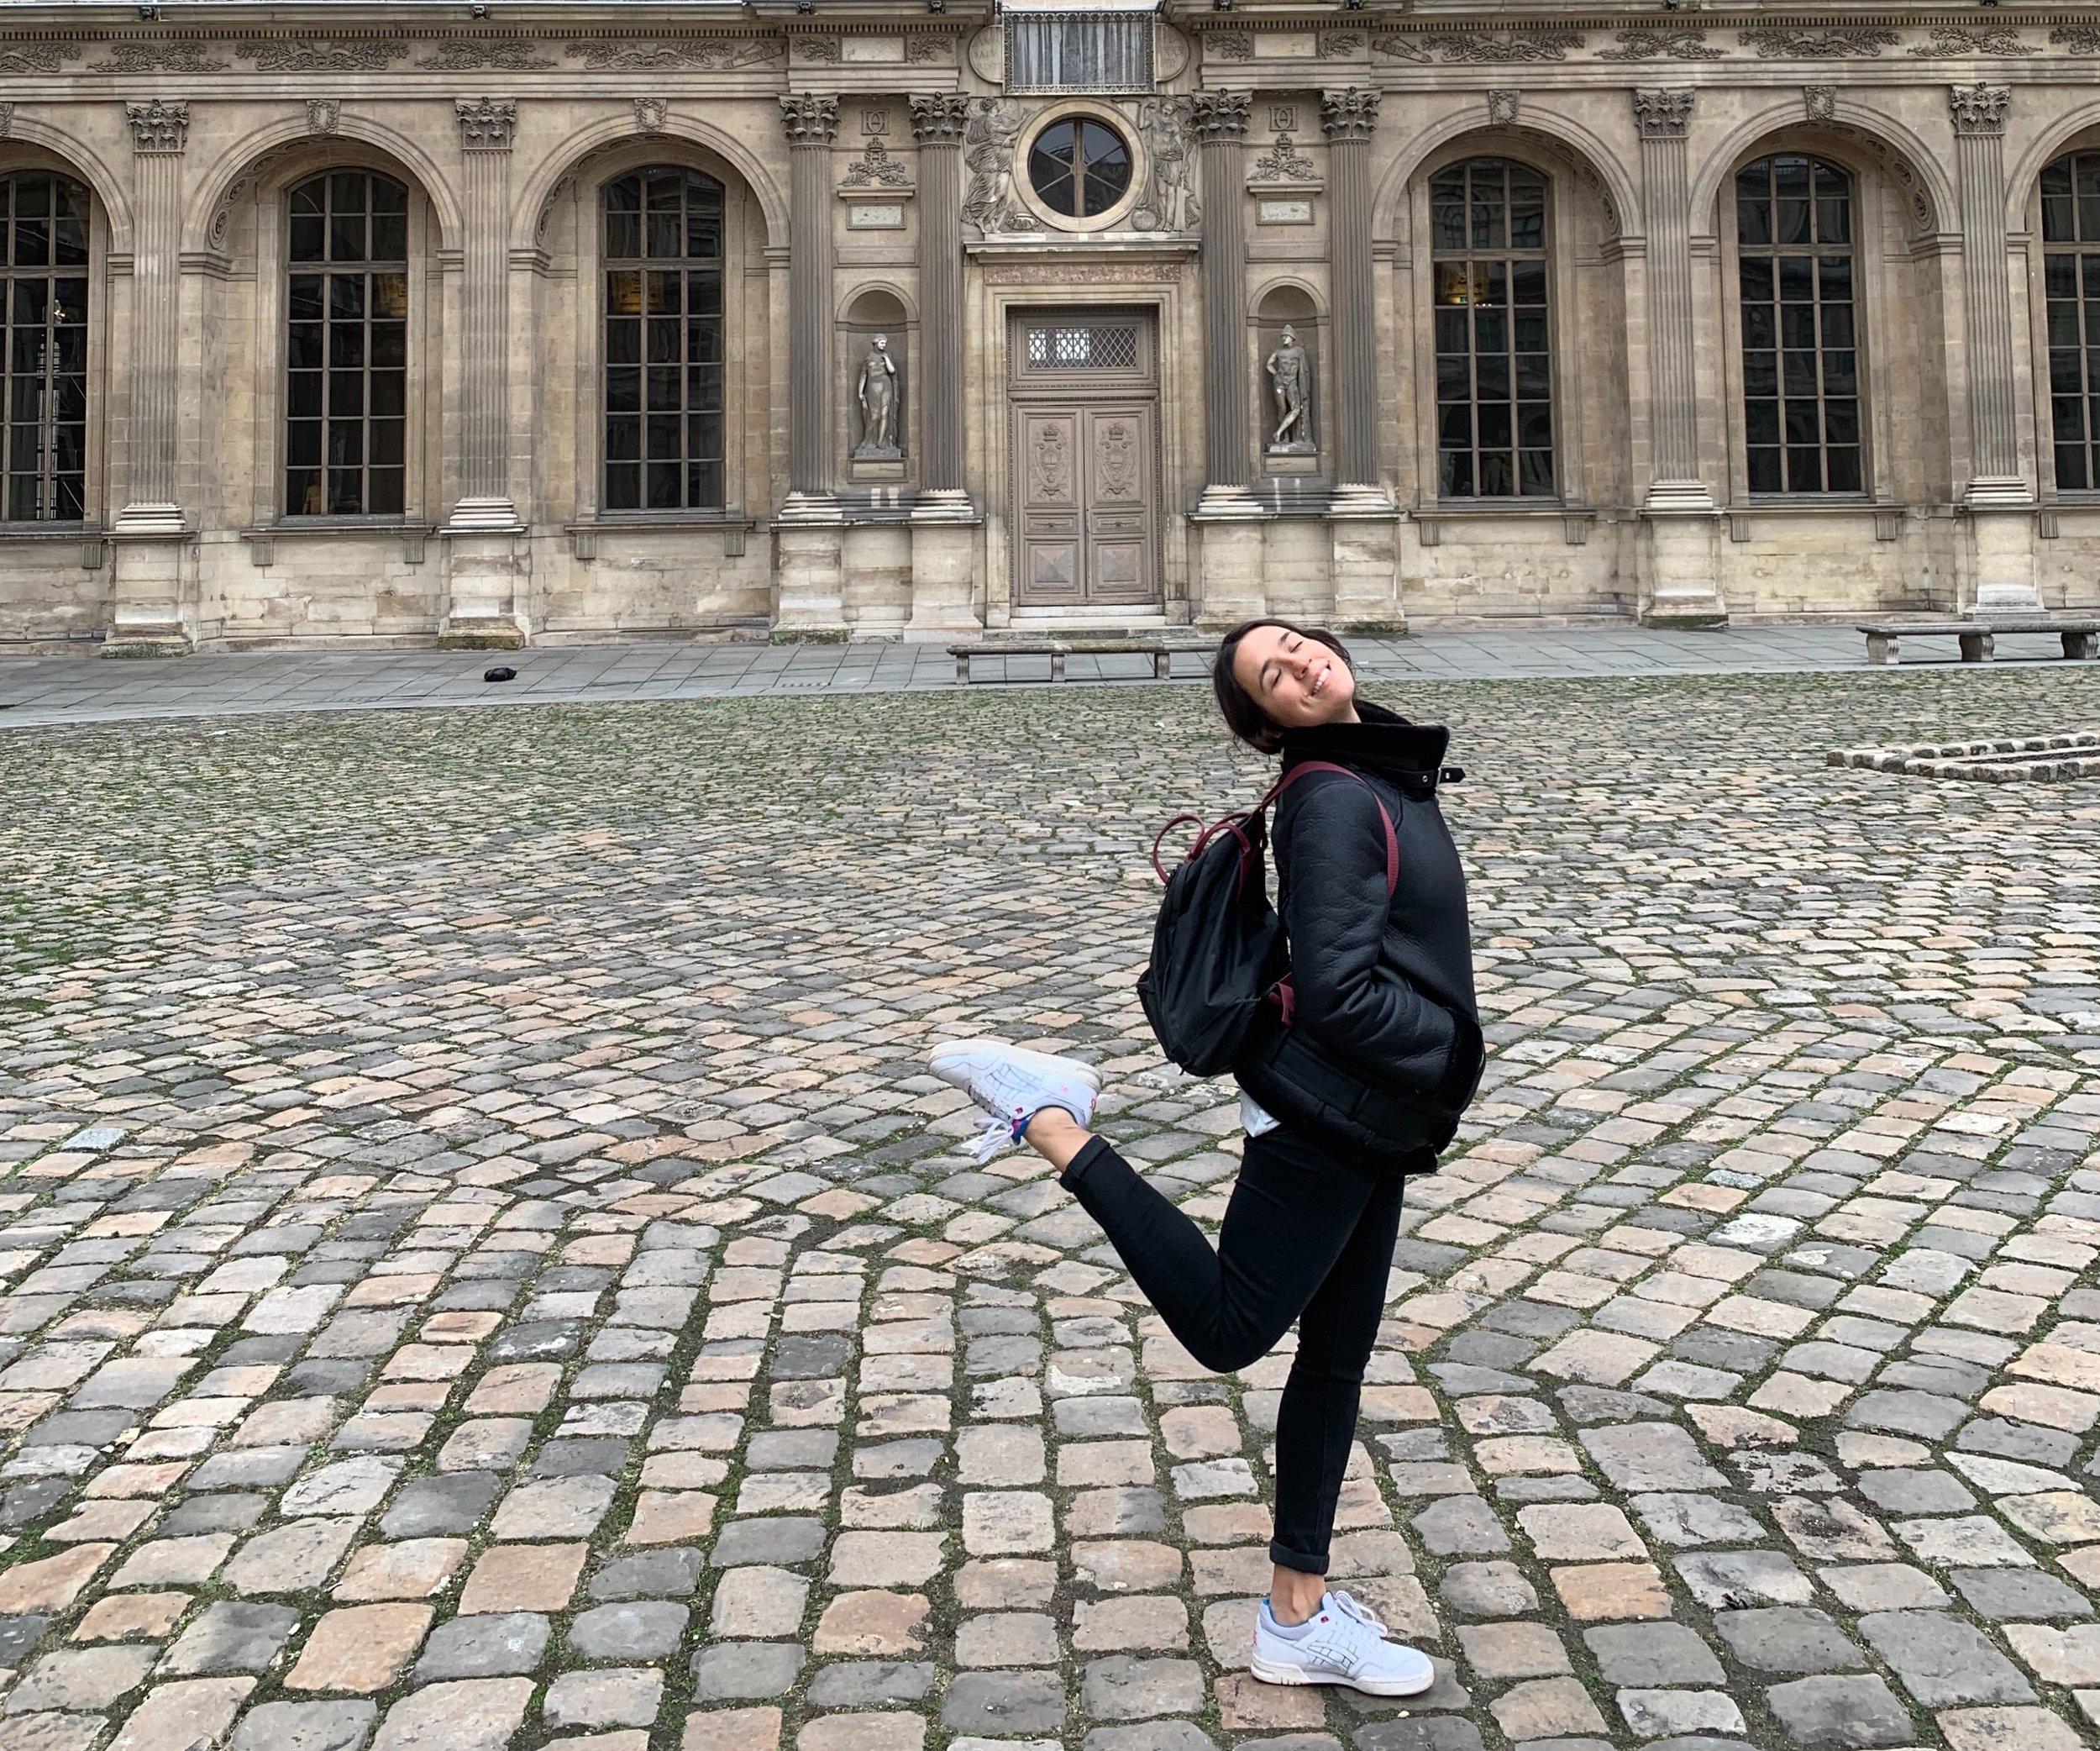 viaje minimalista a París en 5 días